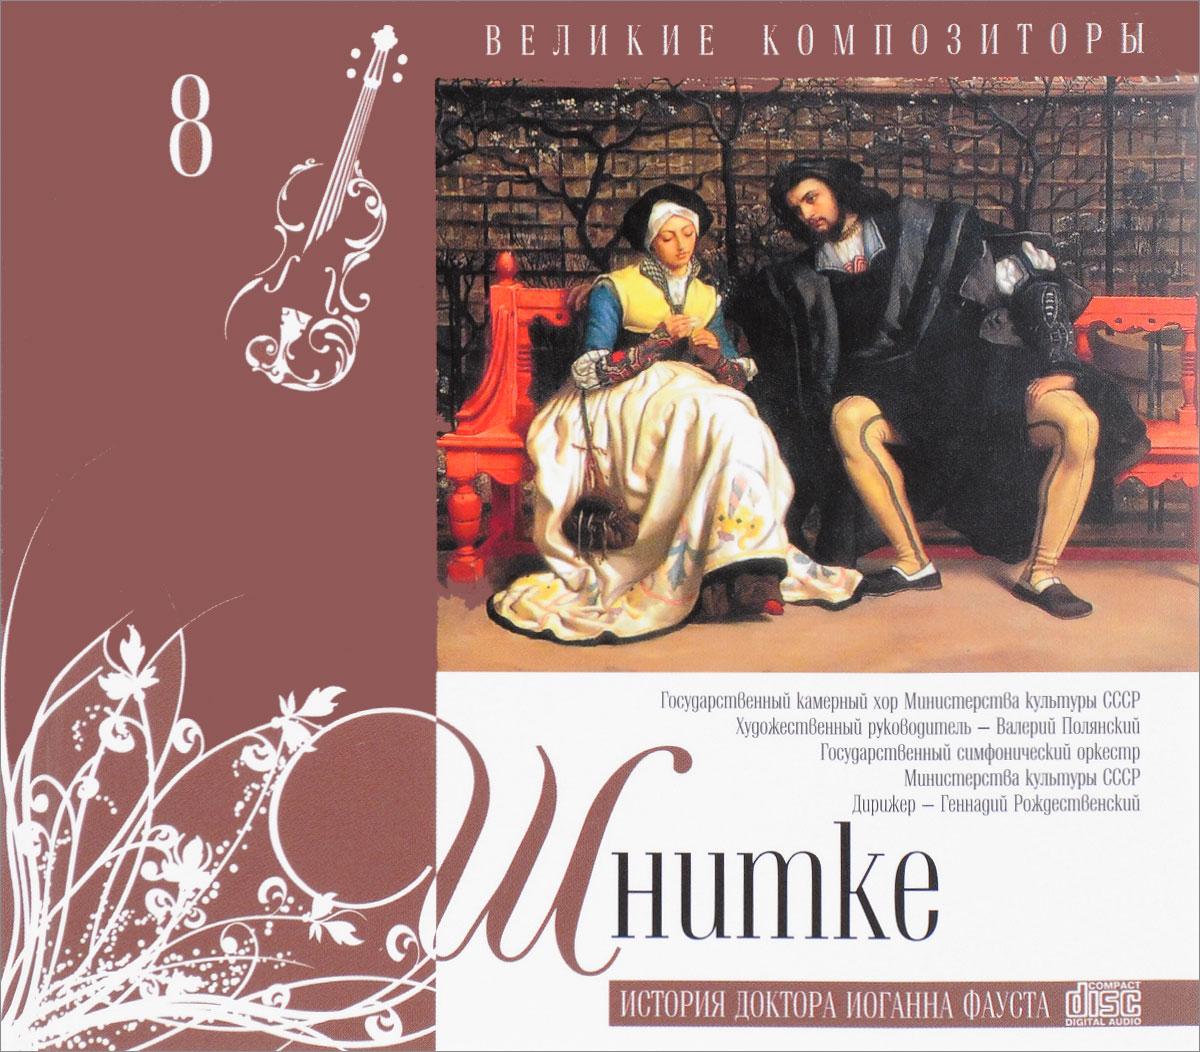 Великие композиторы. Том 8. Шнитке. История доктора Иоганна Фауста (+ CD)